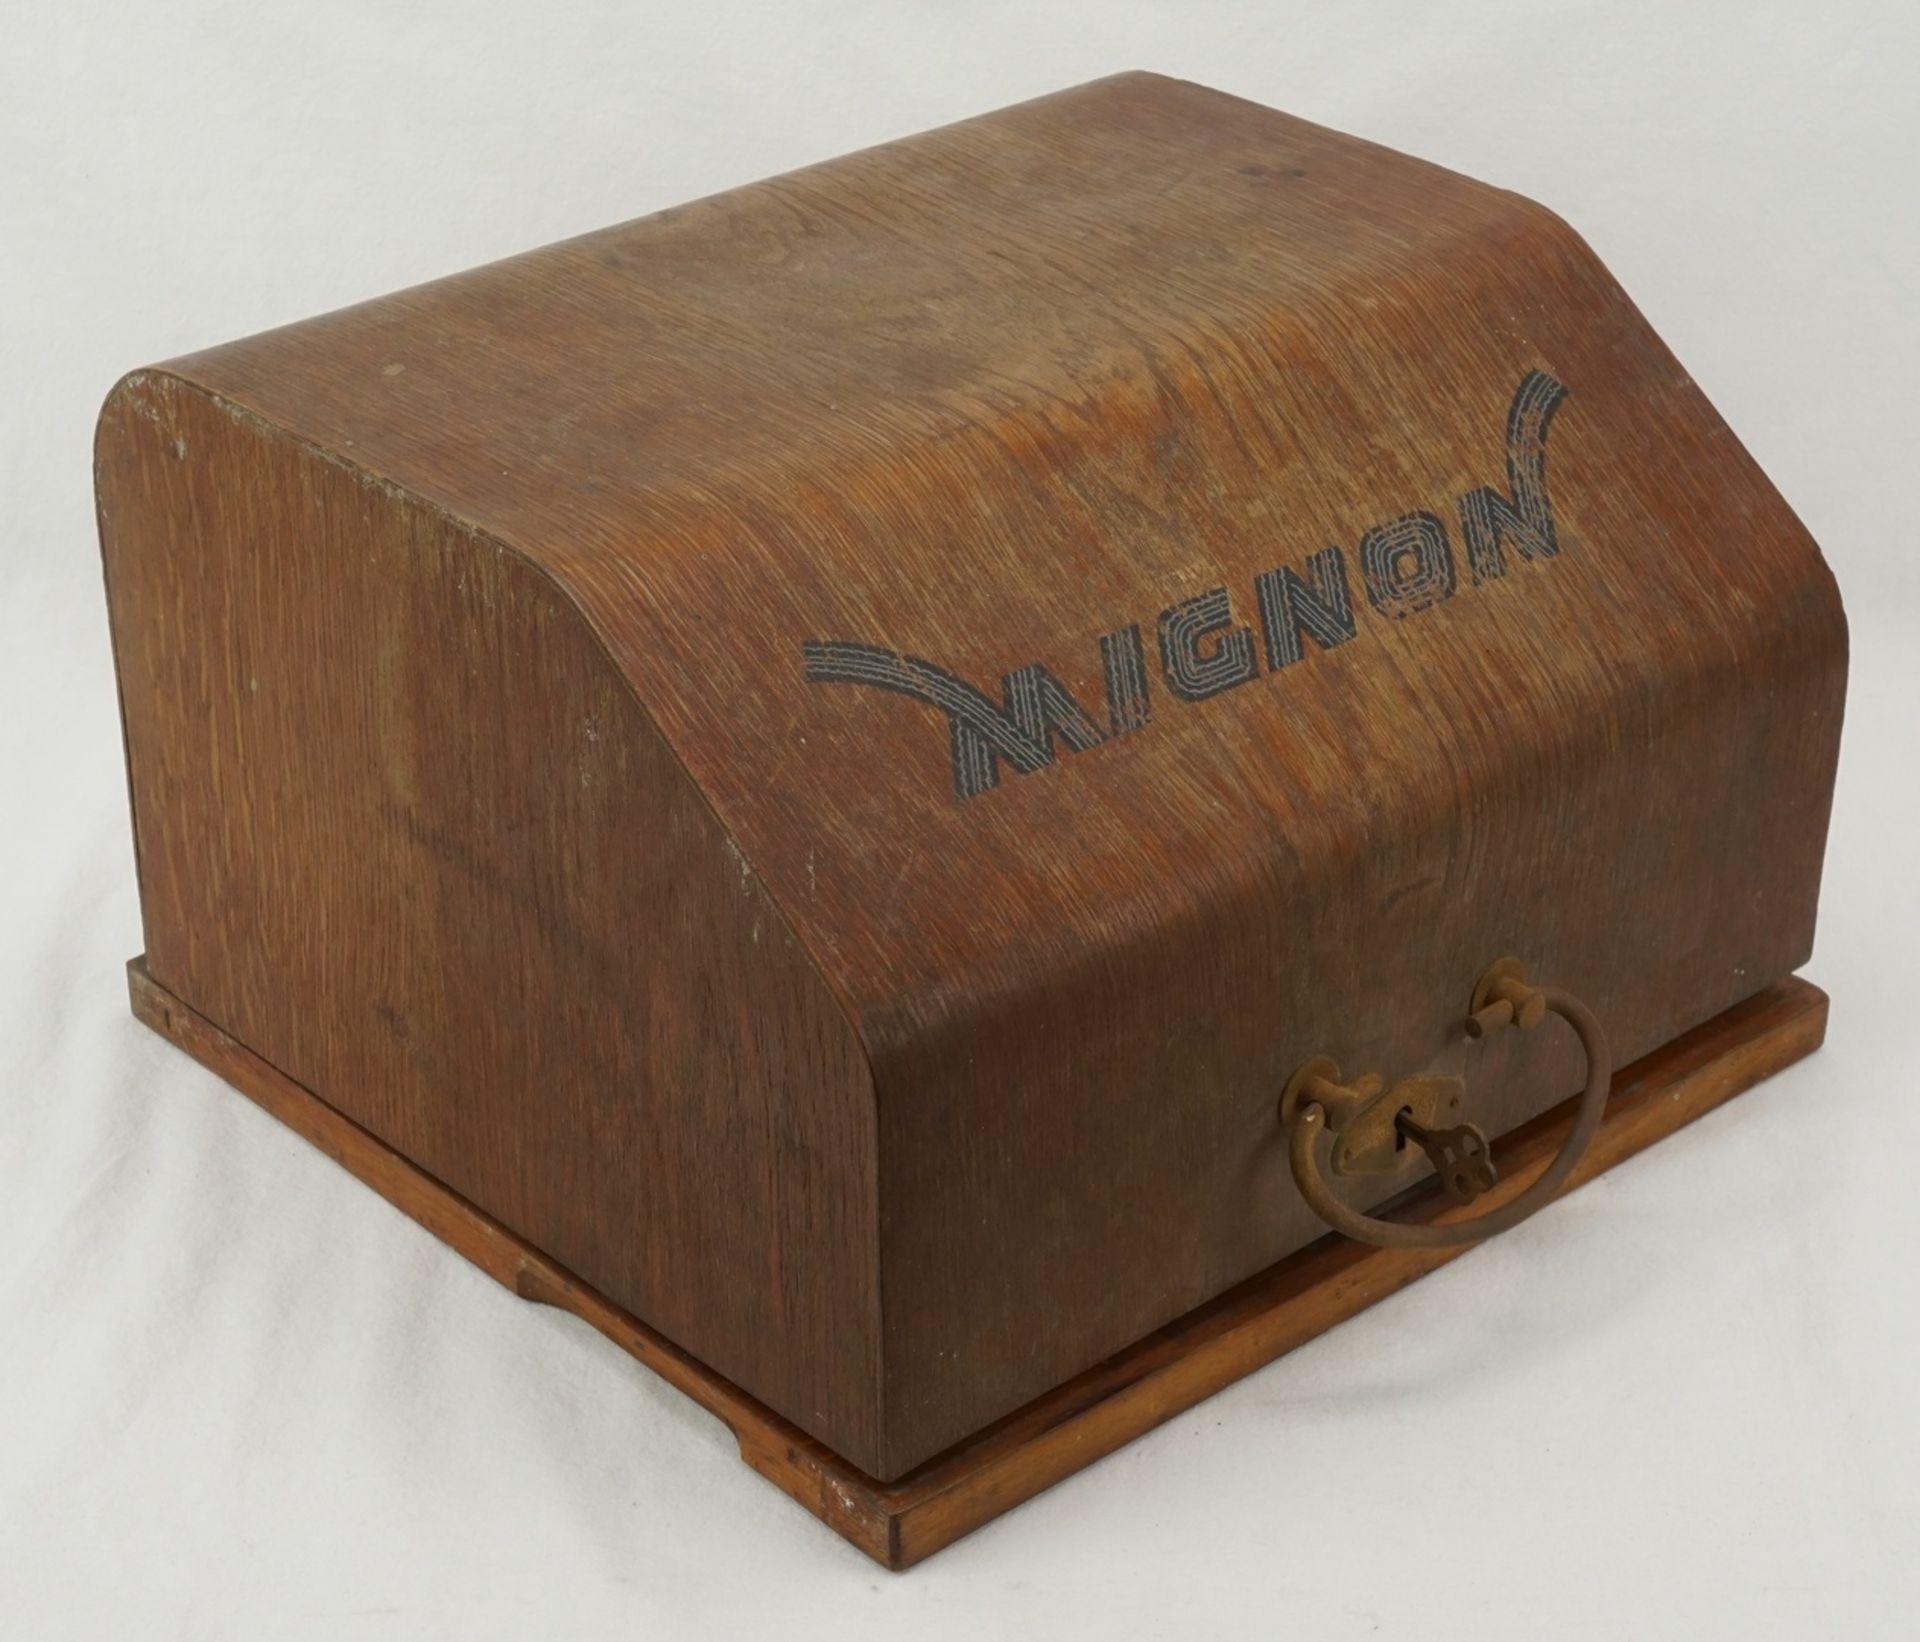 AEG Mignon Zeiger Schreibmaschine, um 1920 - Bild 3 aus 3